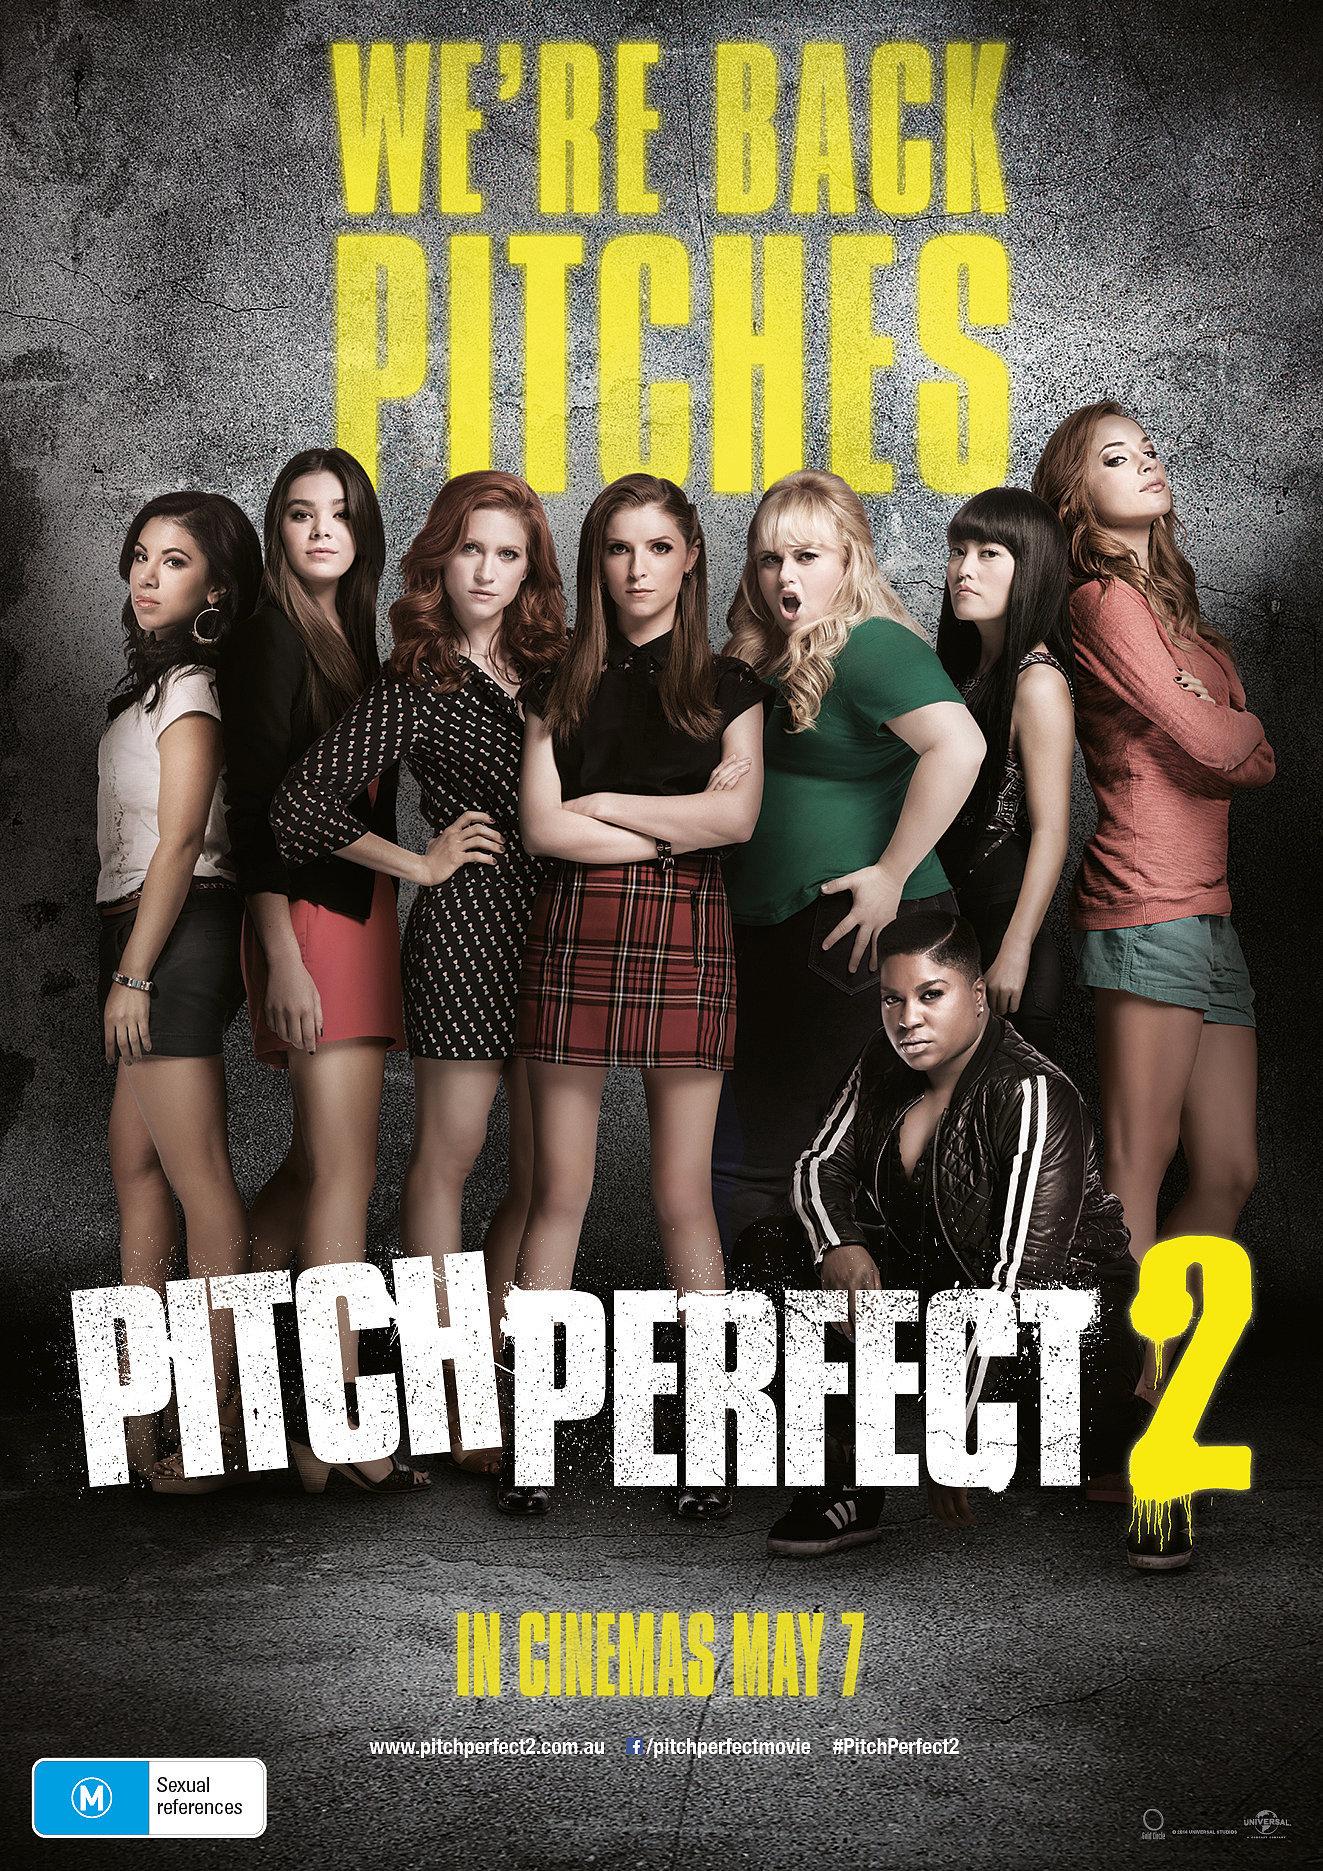 Идеальный Голос 2: Дополнительные материалы - Pitch Perfect 2- Bonuces